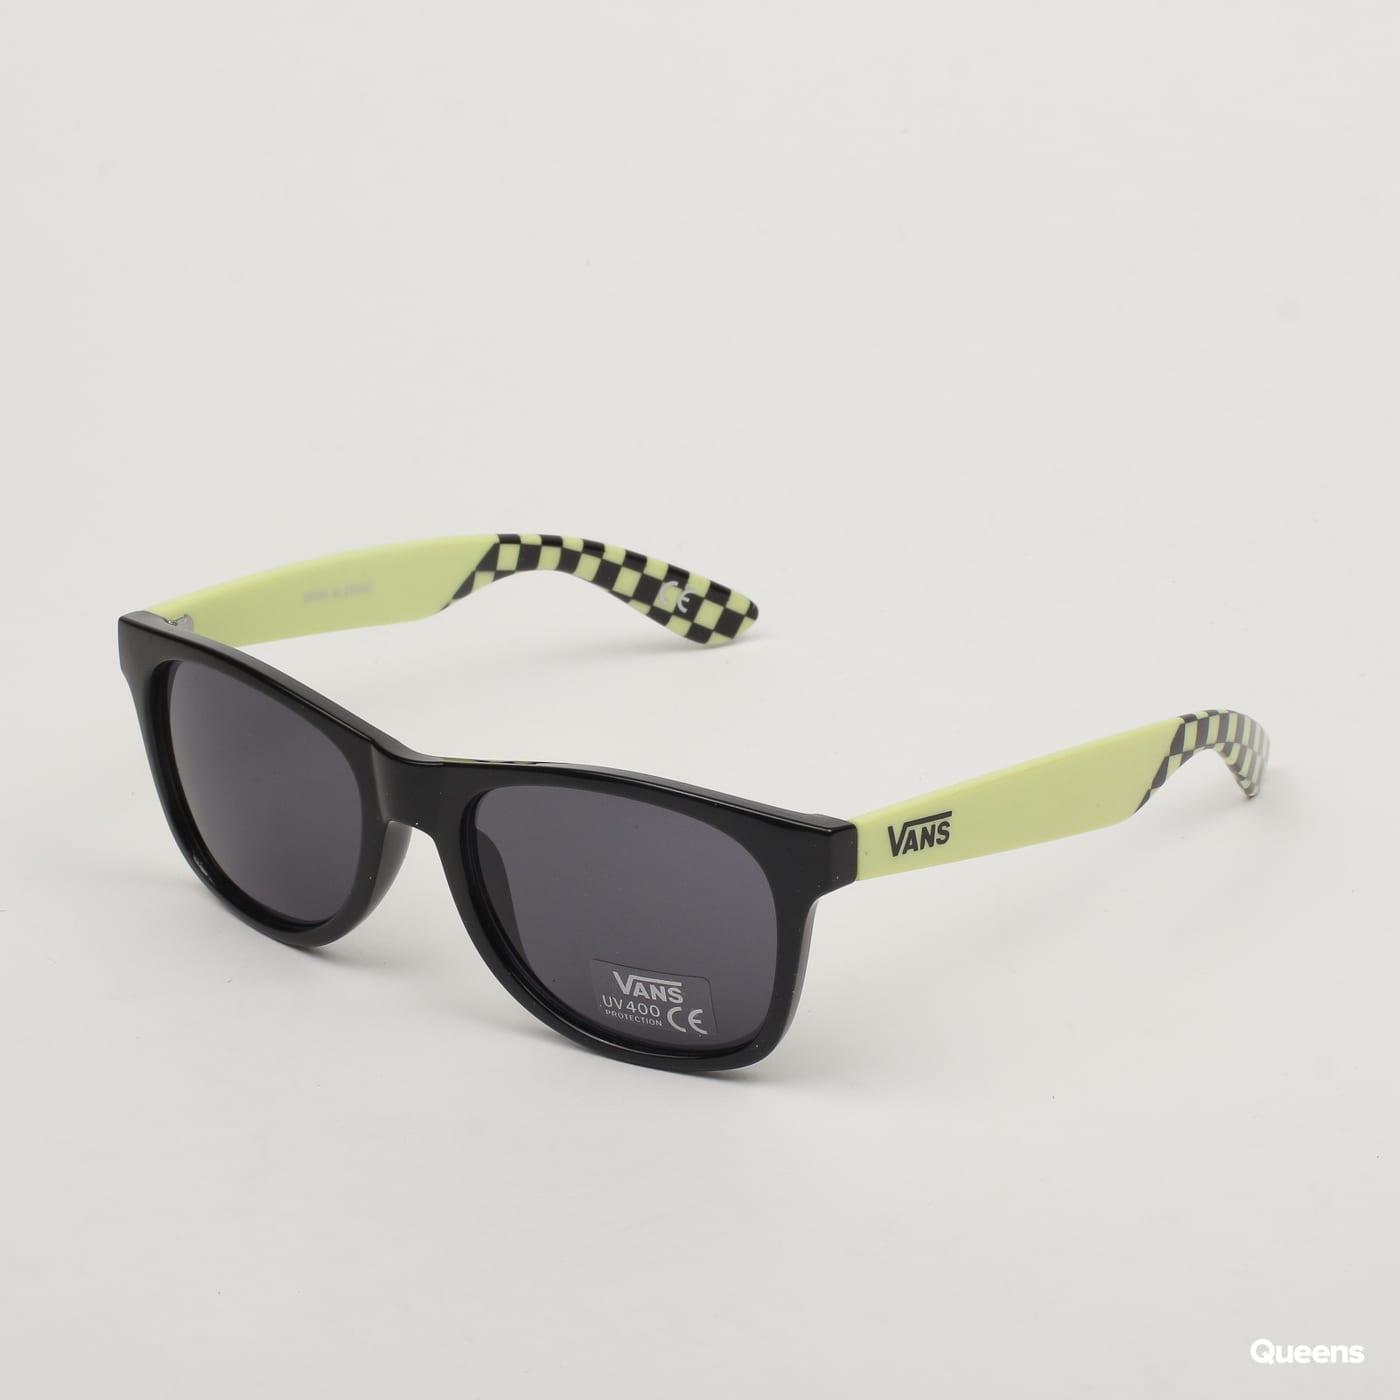 9ad973b2e Slnečné okuliare Vans Spicoli 4 Shades čierne / svetložlté (VN000LC0TD1) –  Queens 💚